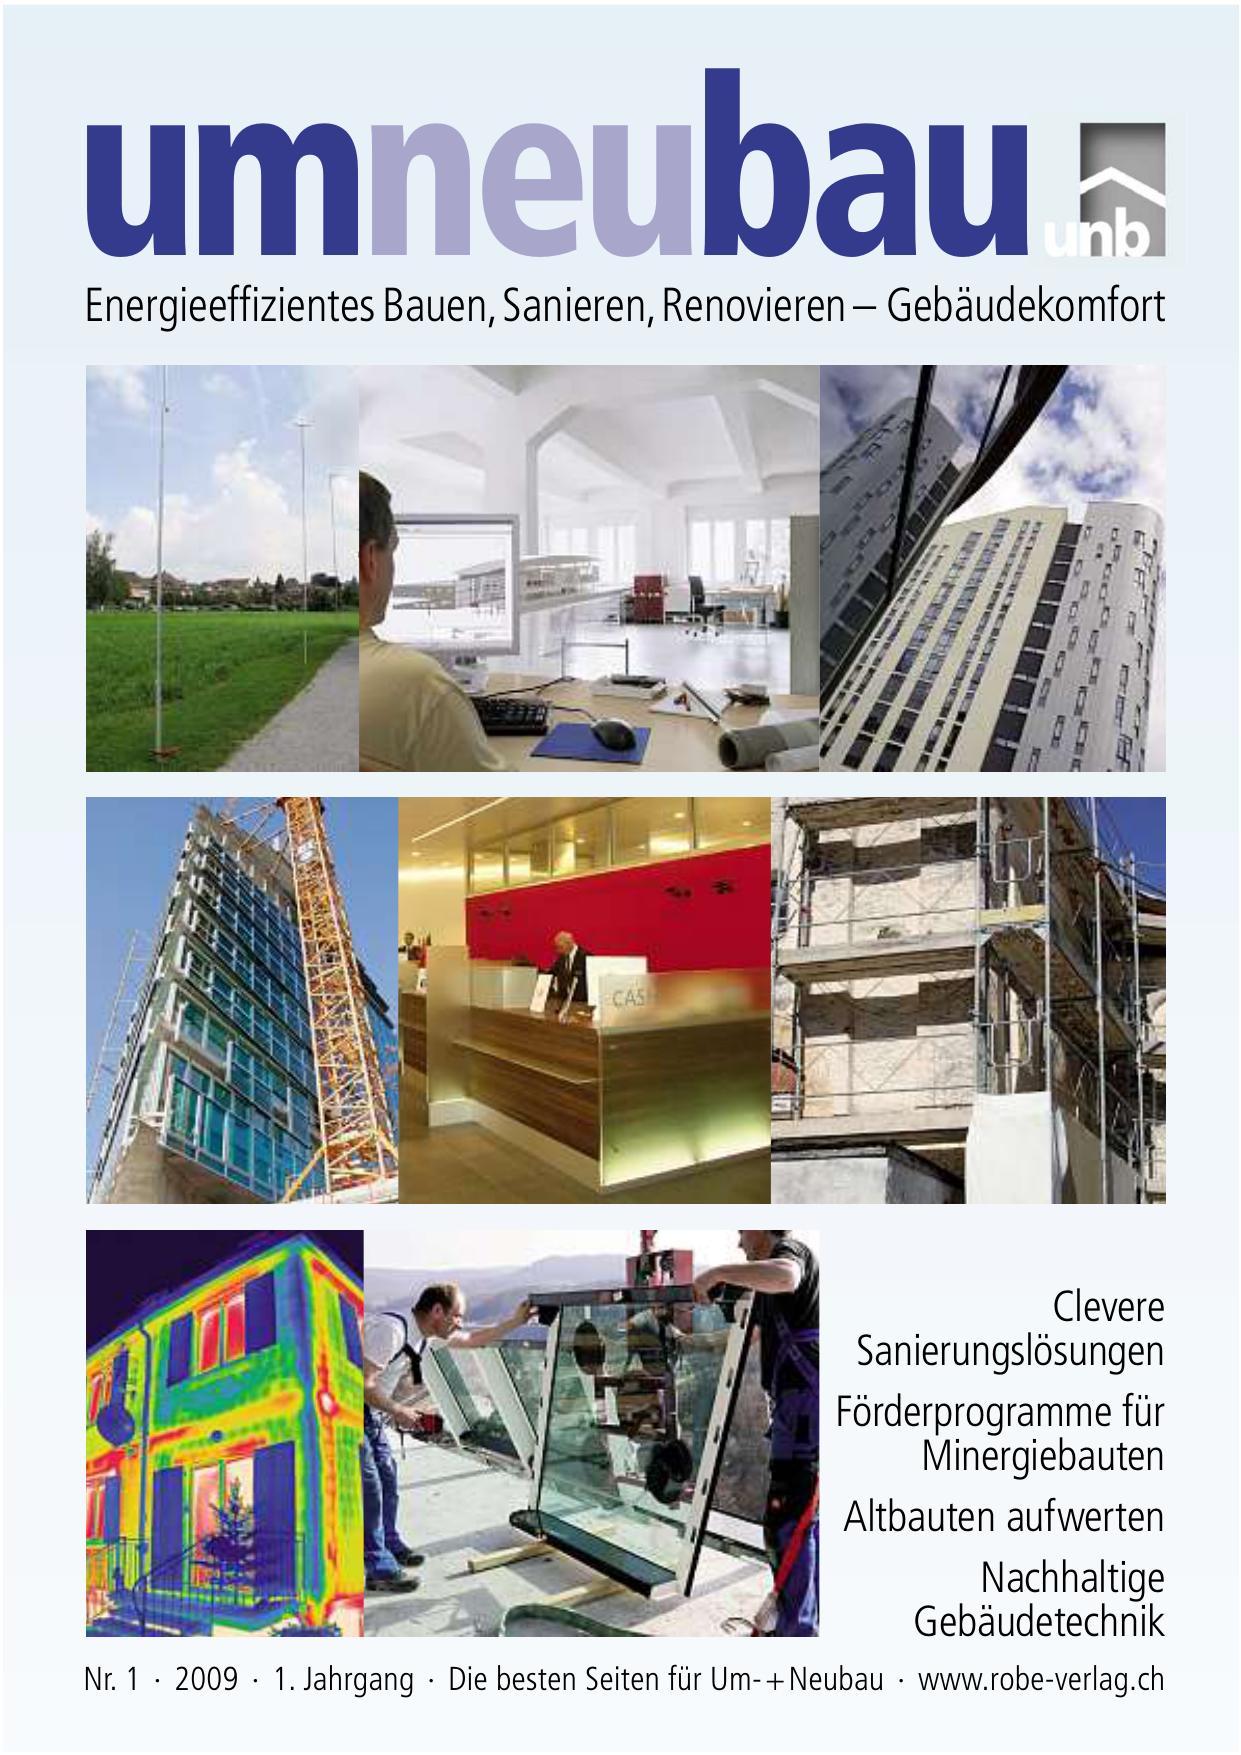 EnergieeffizientesBauen,Sanieren,Renovieren - Robe